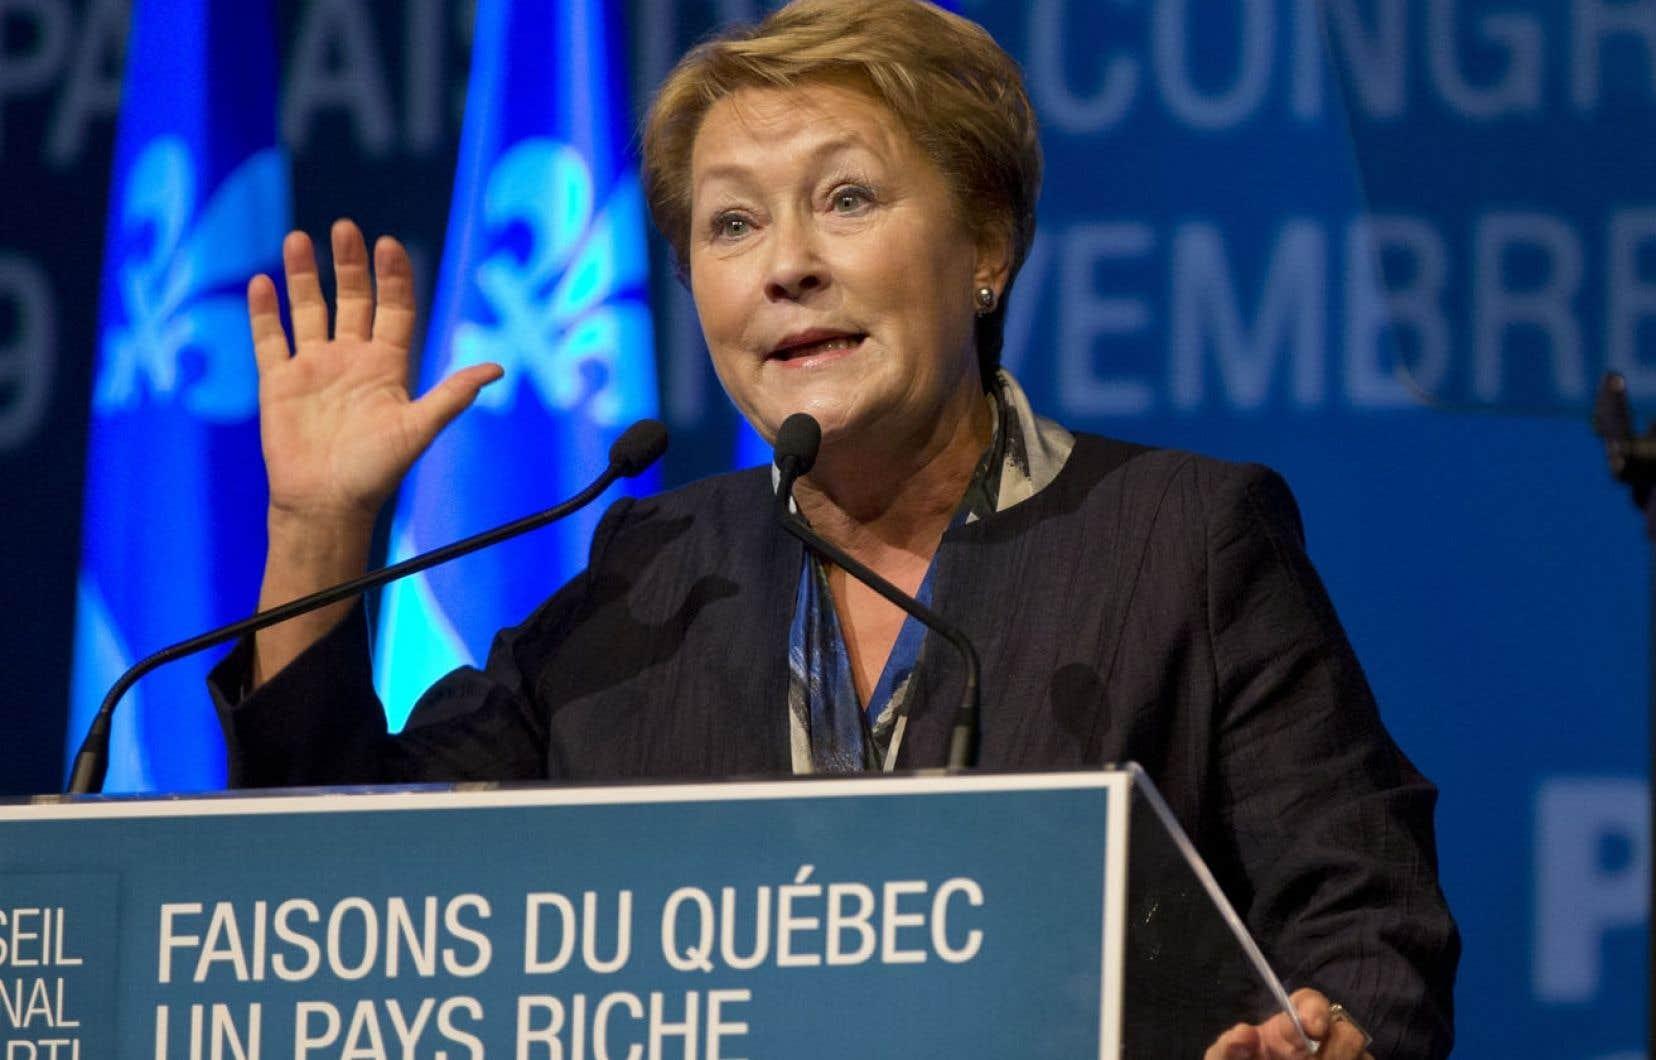 Ce n'est pas le projet souverainiste qui a été battu le 7avril dernier, mais une certaine idée de la souveraineté. C'est une certaine manière de concevoir et de défendre ce projet politique, au premier plan par le Parti québécois, qui a été mise en échec.